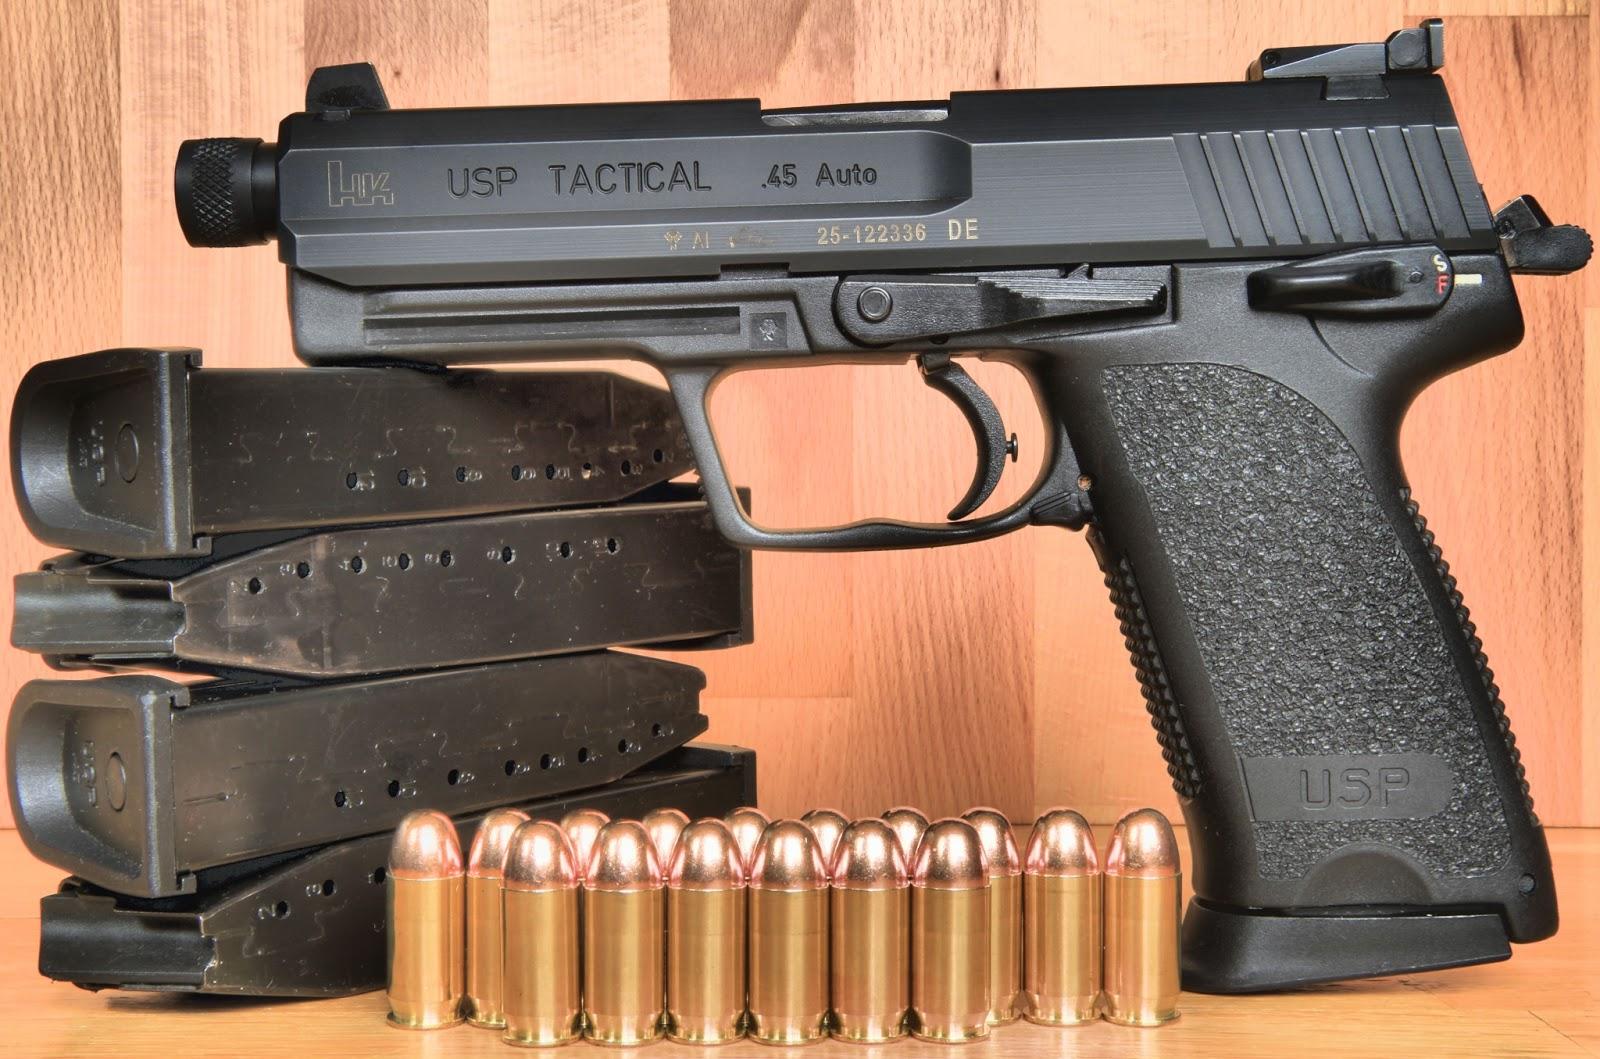 HK USP Tactical 45